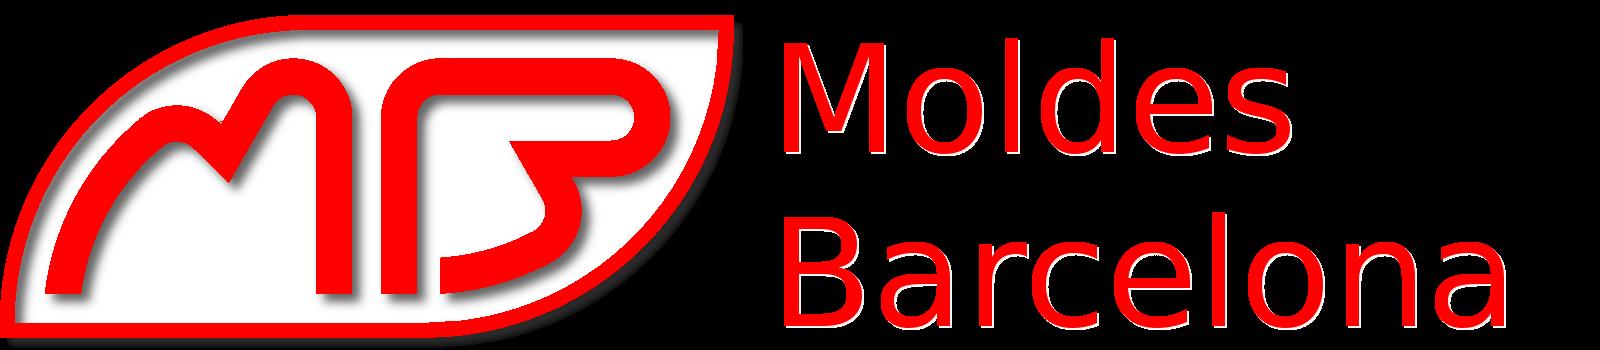 MOLDES BARCELONA